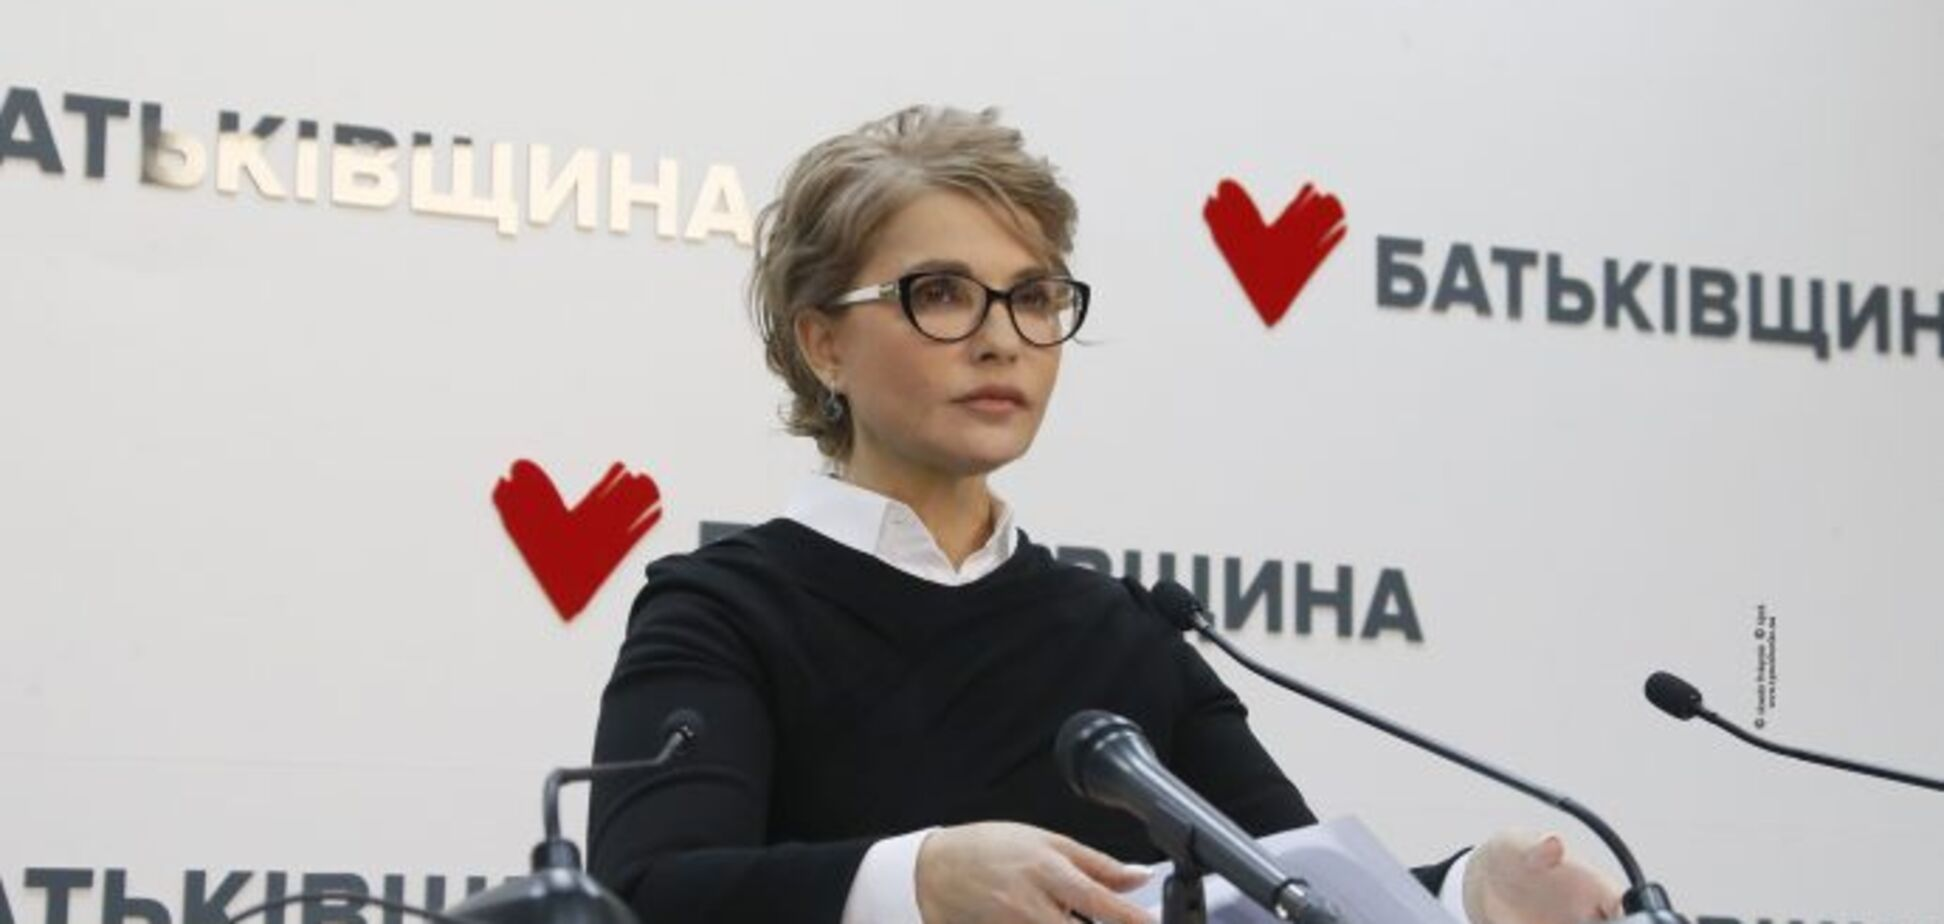 Тимошенко дає чітку, математично обґрунтовану формулу зменшення тарифів удвічі, – експерт